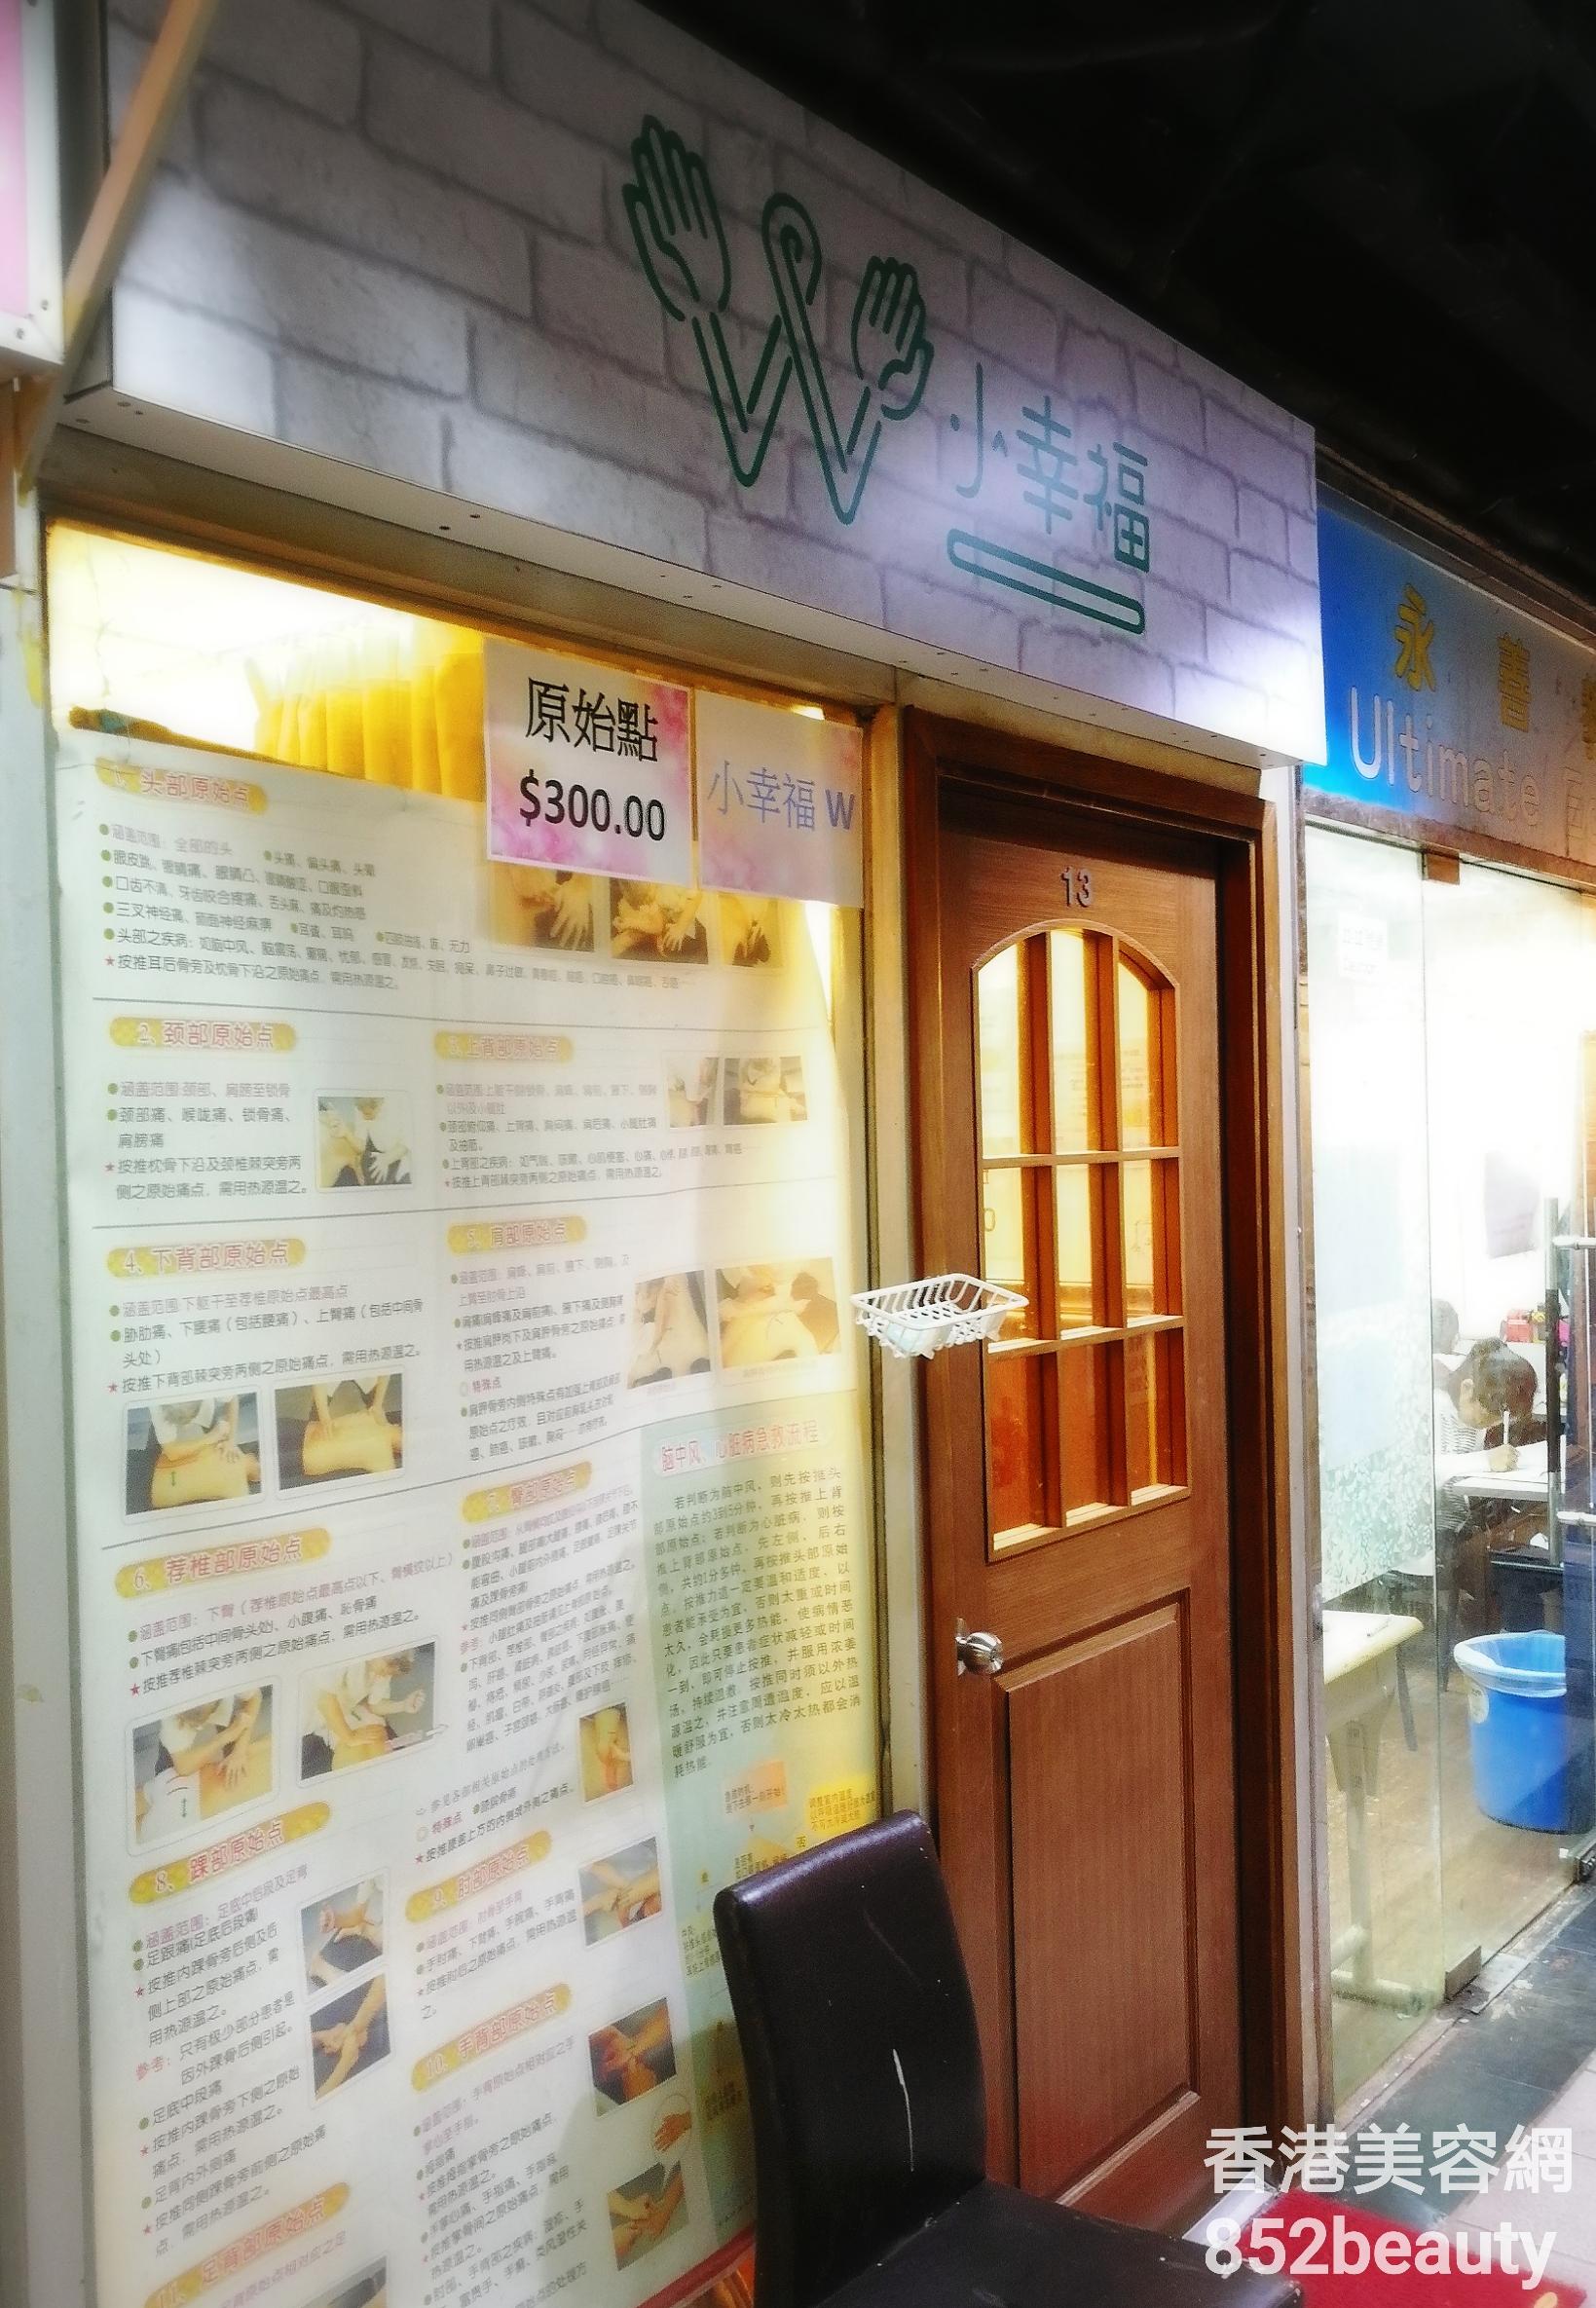 香港美容院 美容師 : W小幸福 @青年創業軍